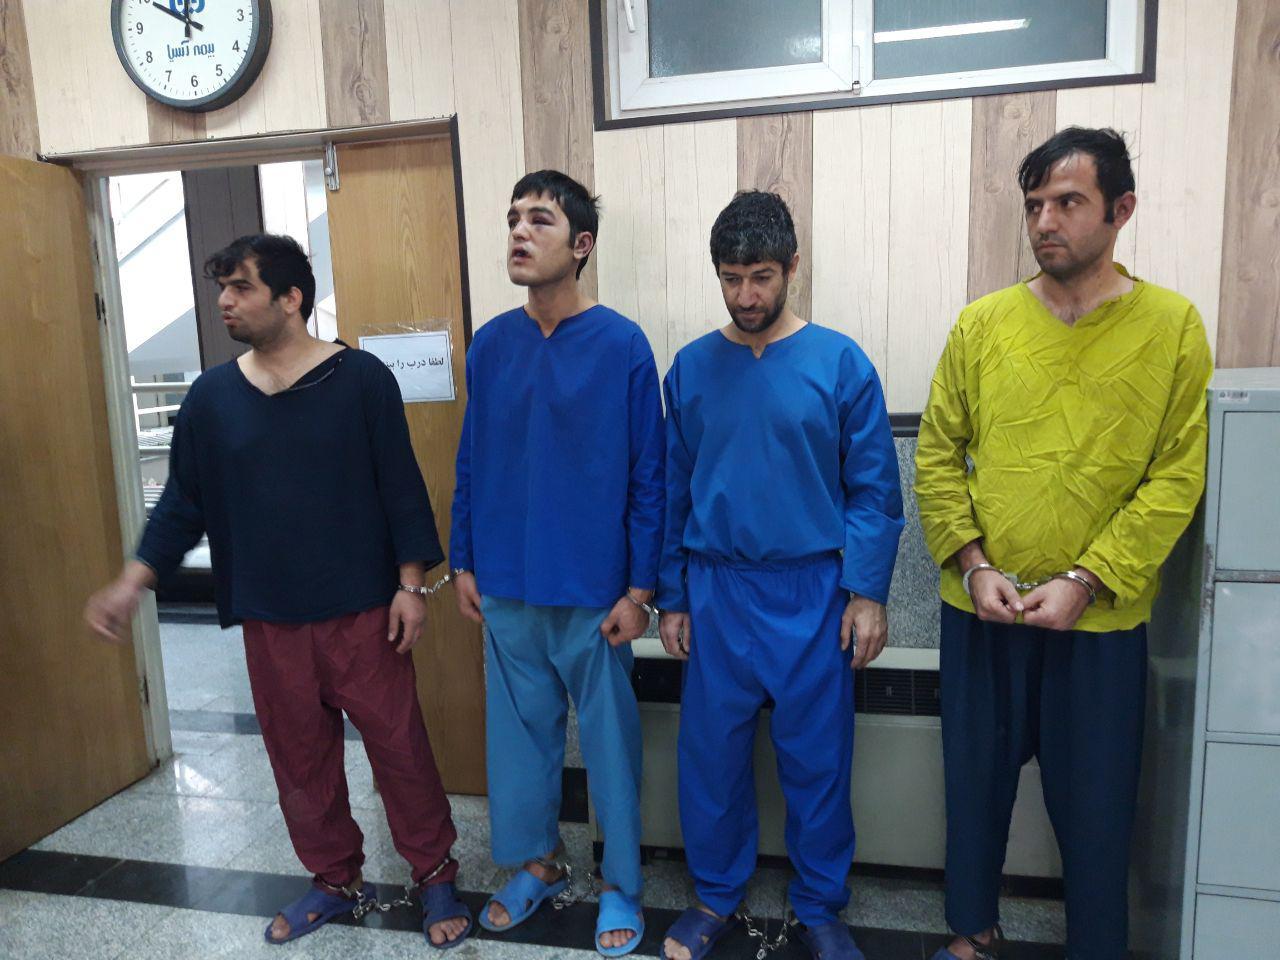 جزئیات دستگیری مهاجمان مسلح حمله کننده به بیمارستان امام خمینی(ره) + عکس و فیلم